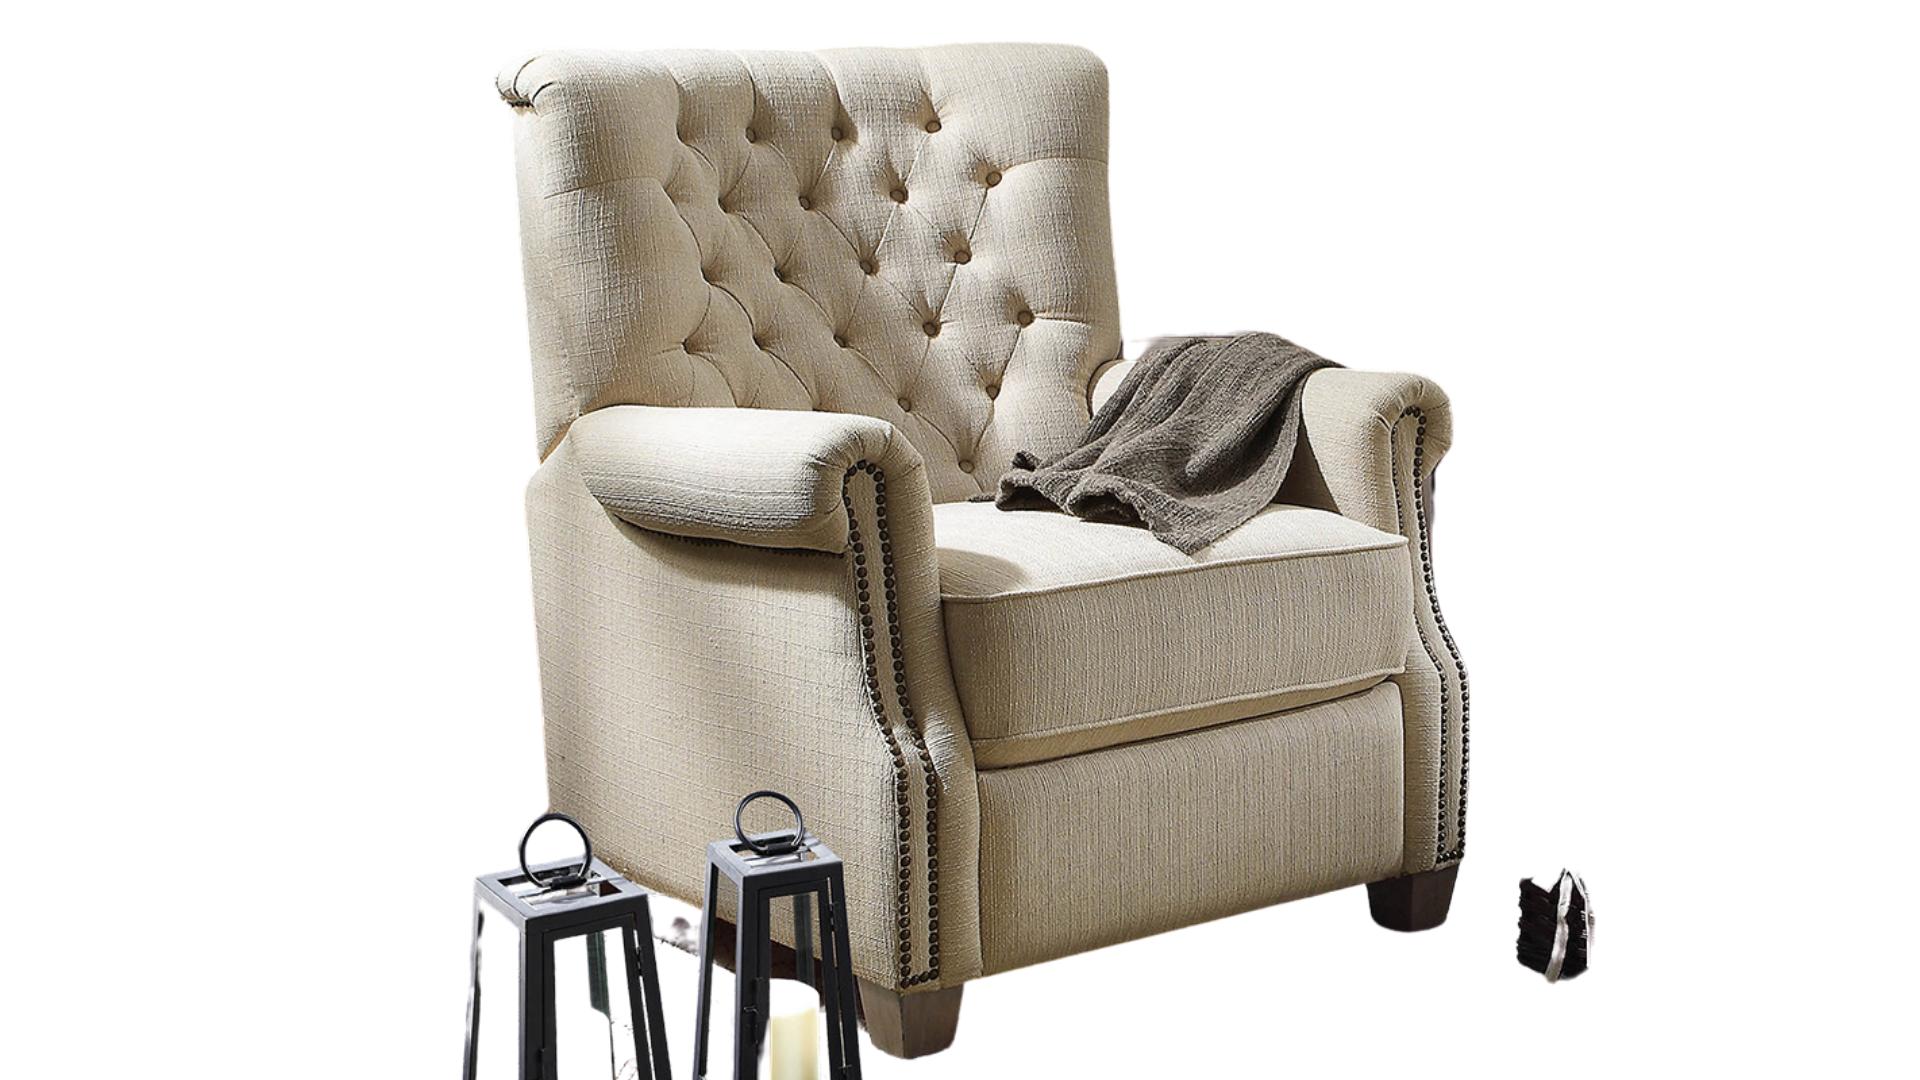 tufted back affordable recliner